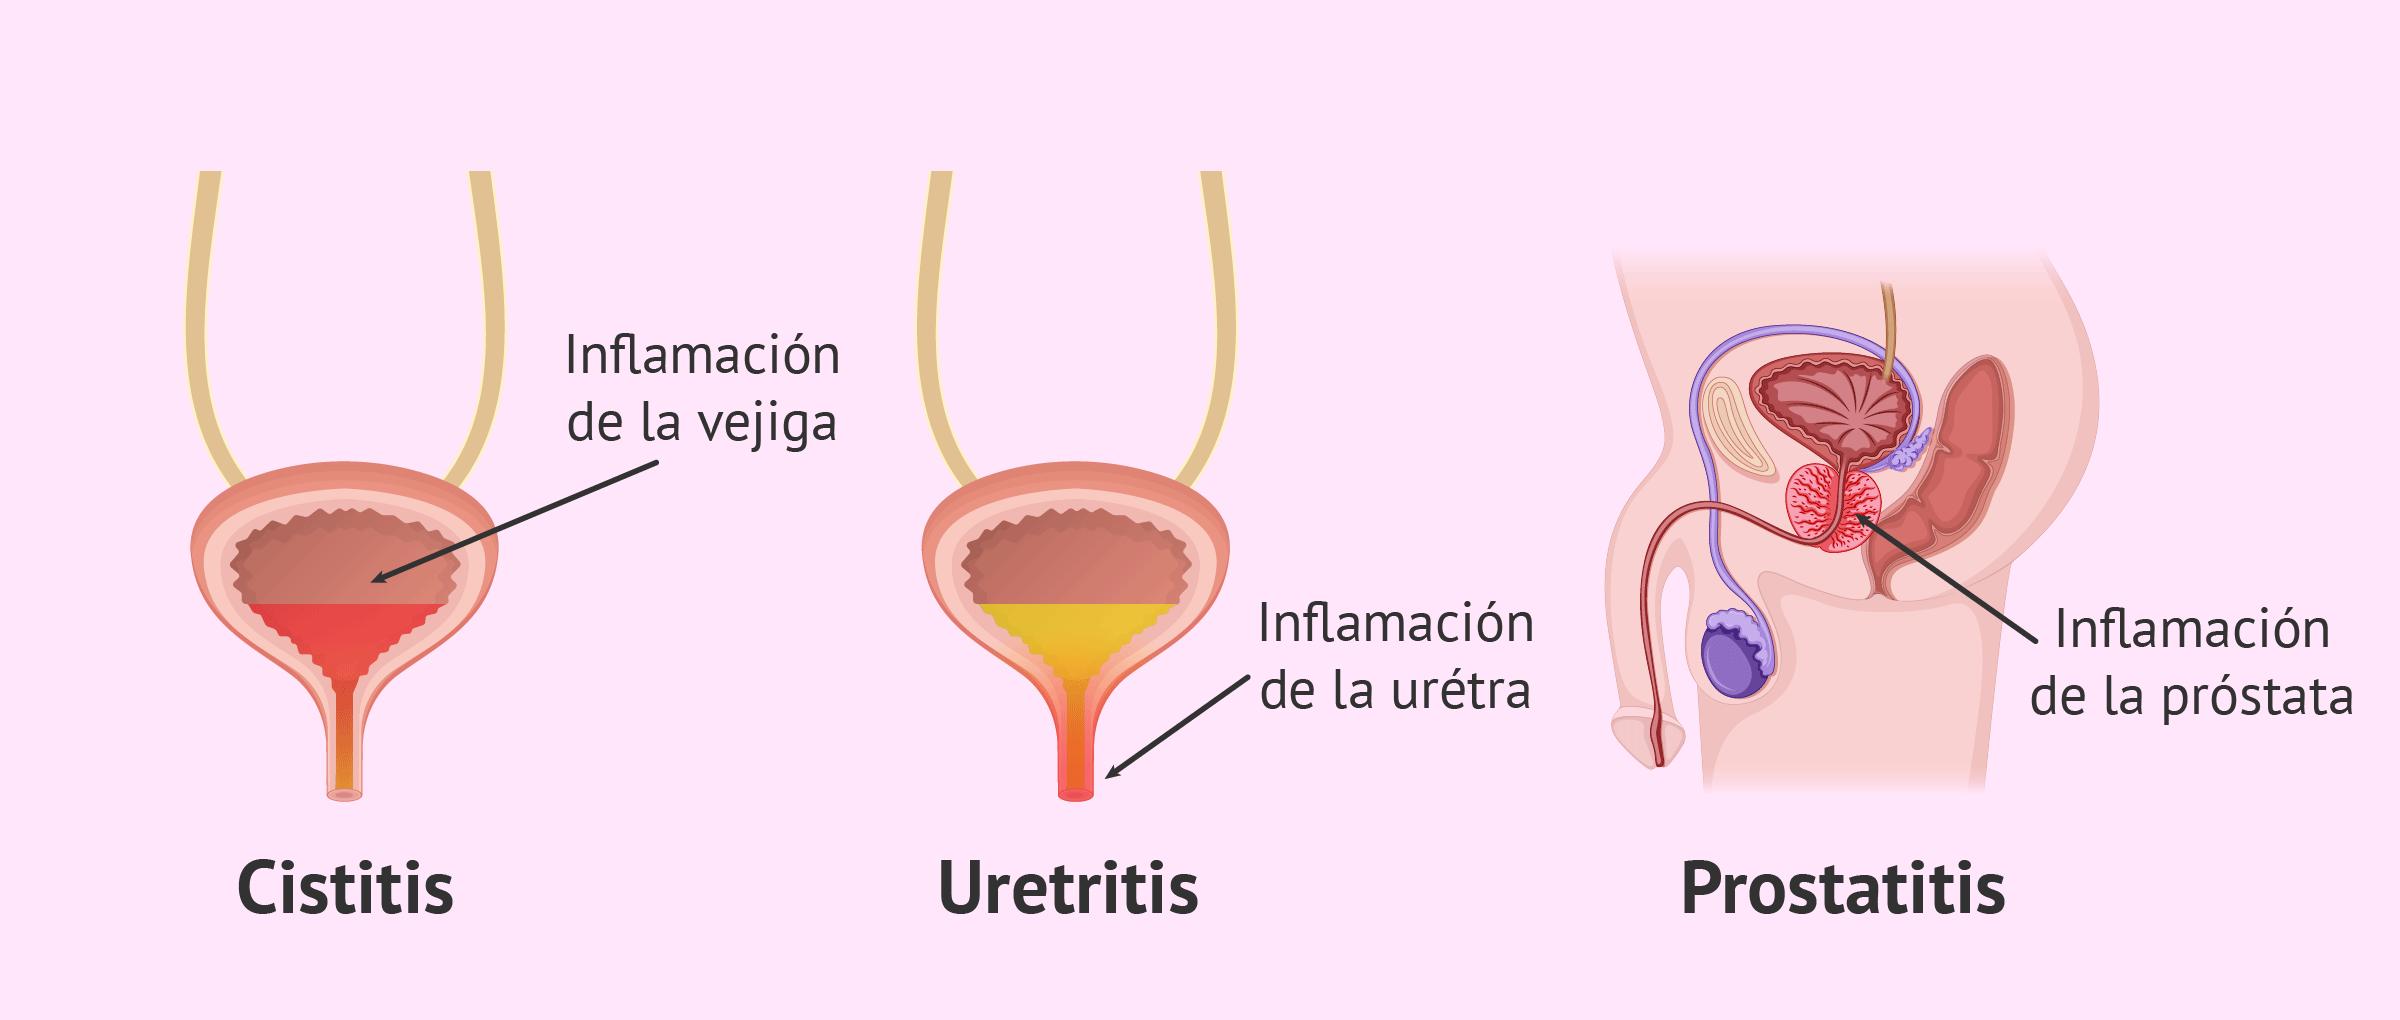 foro uretritis